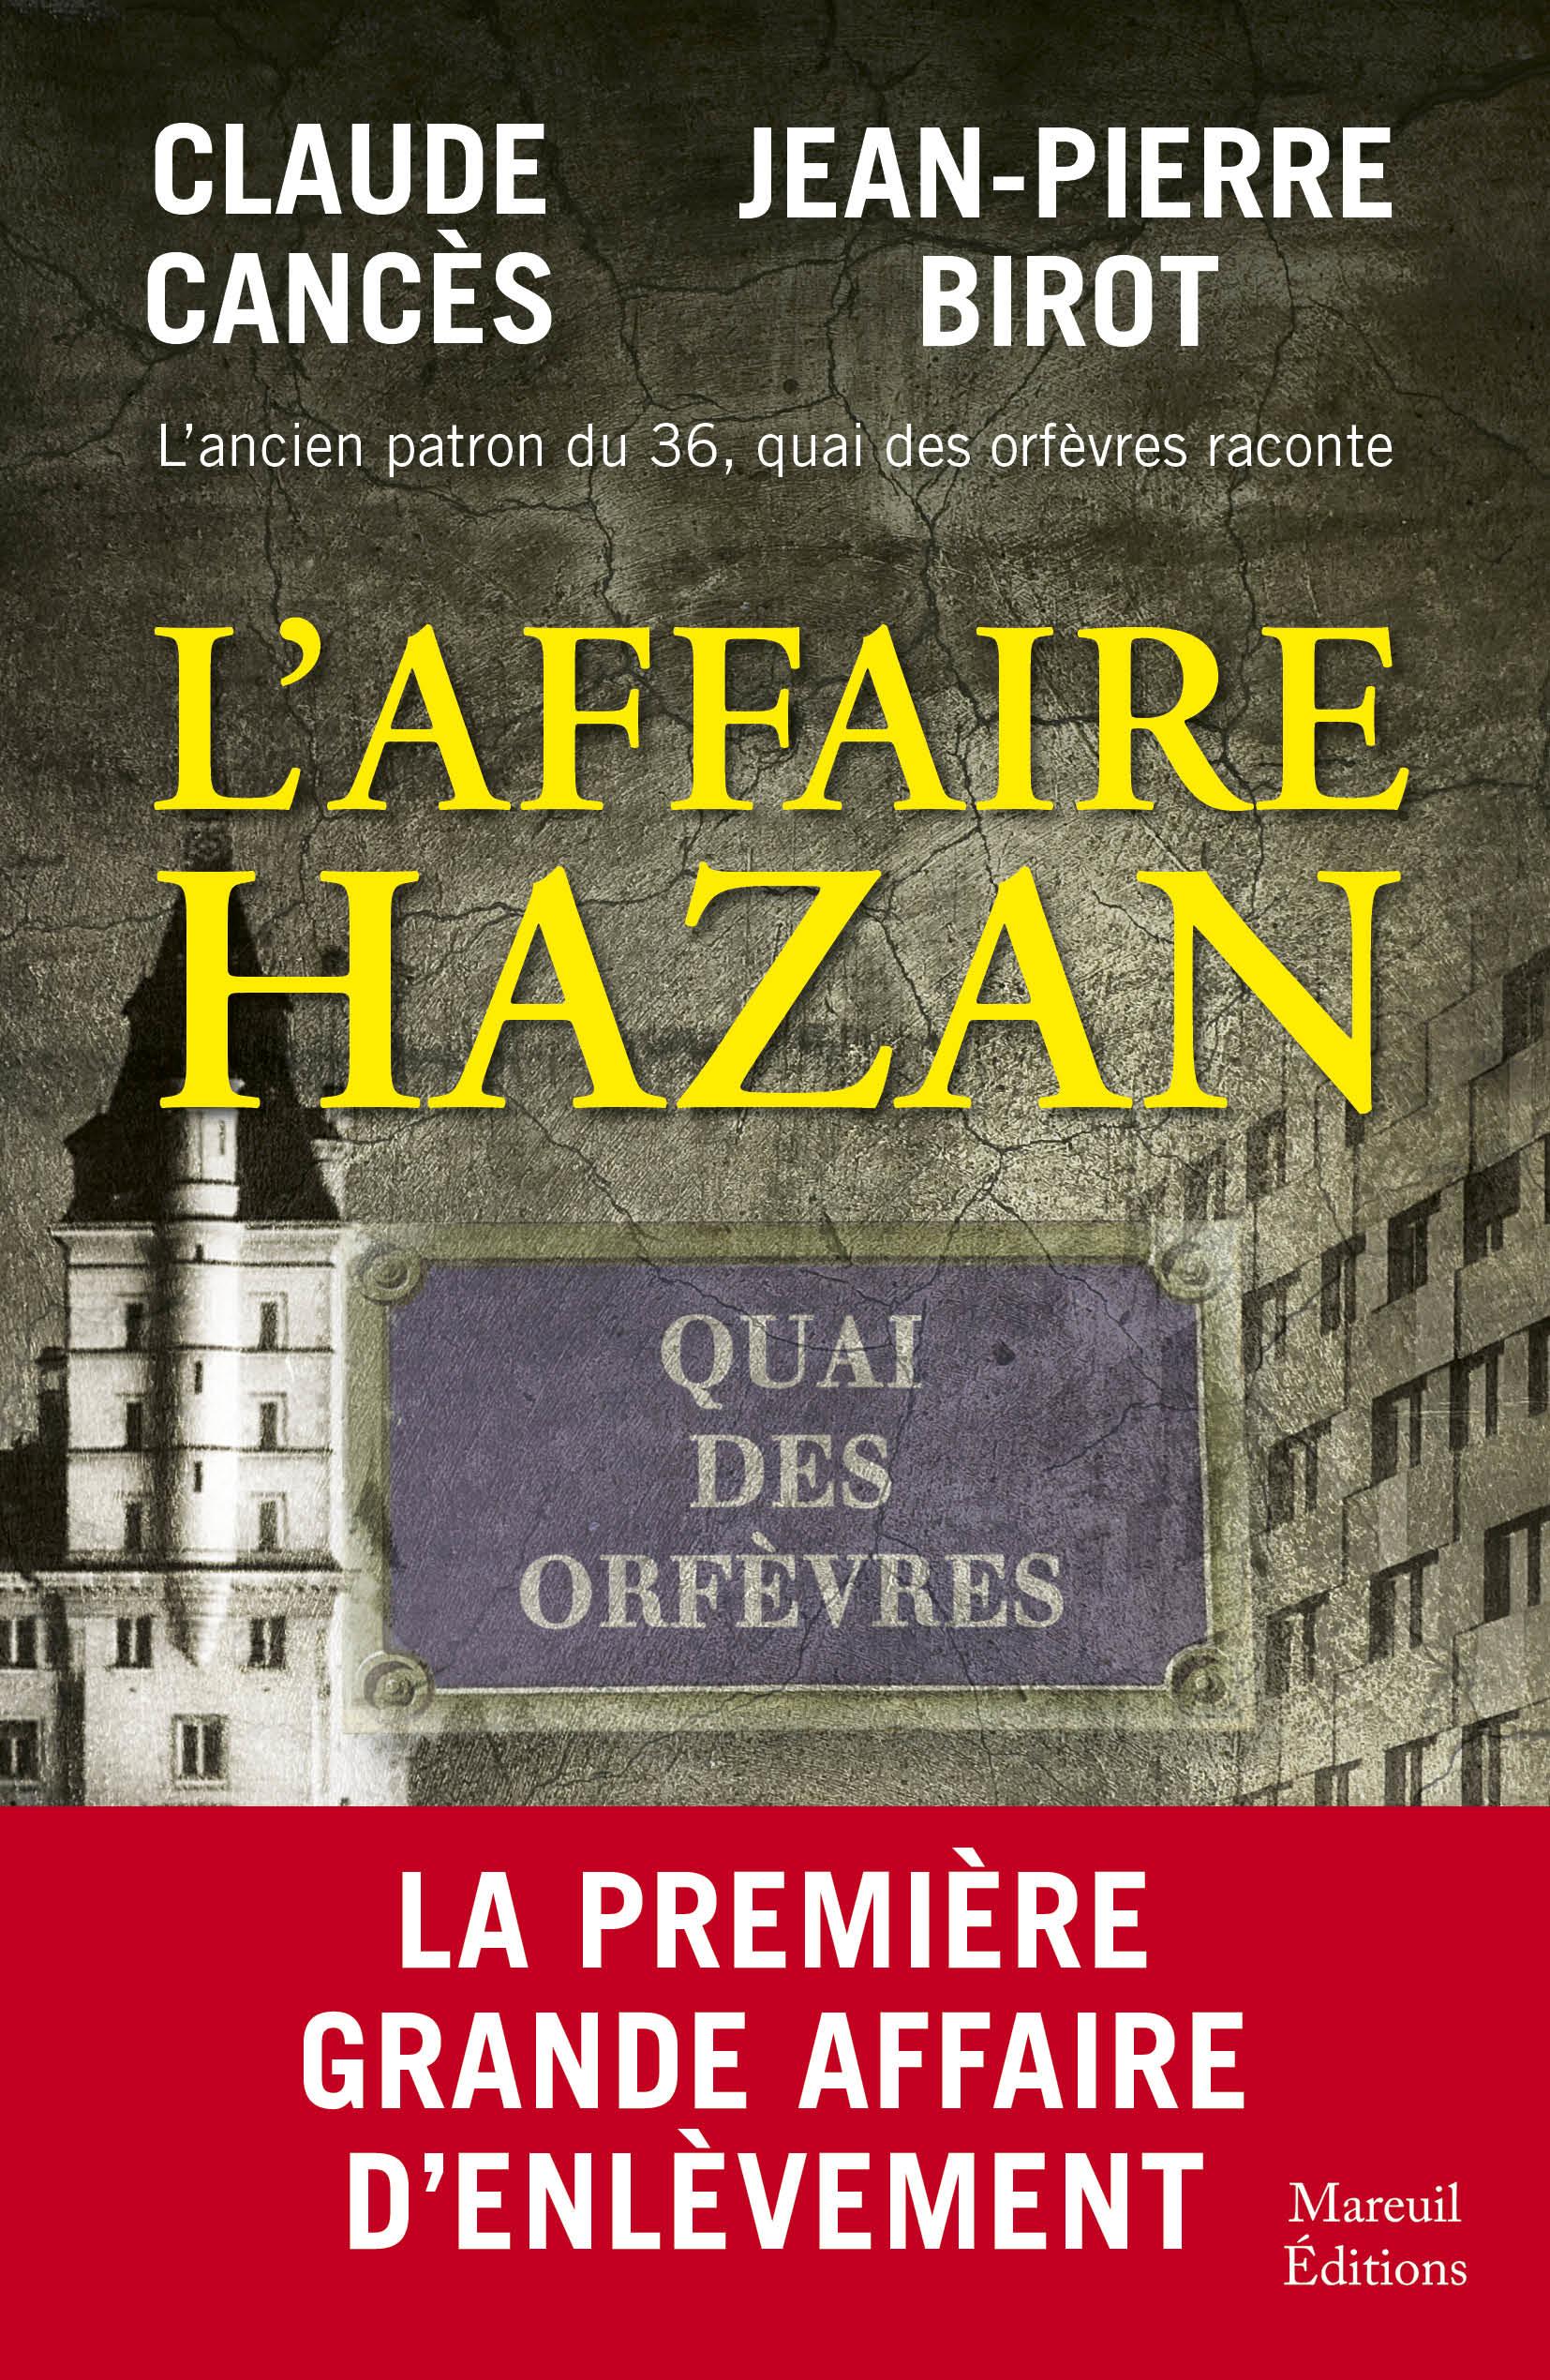 Vignette du livre L'ancien patron du 36 raconte l'affaire Hazan